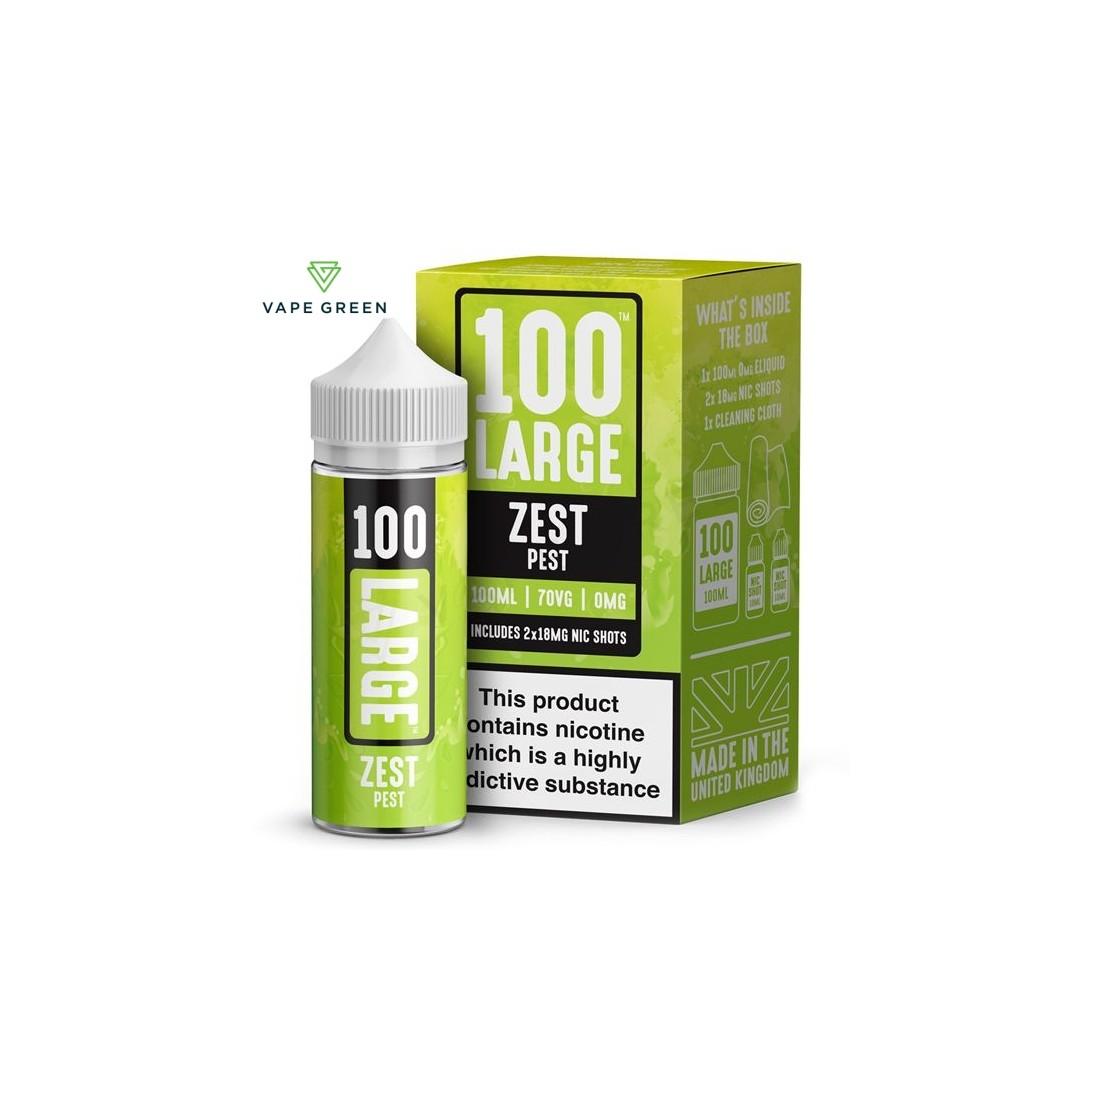 Zest Pest E-Liquid by 100 Large